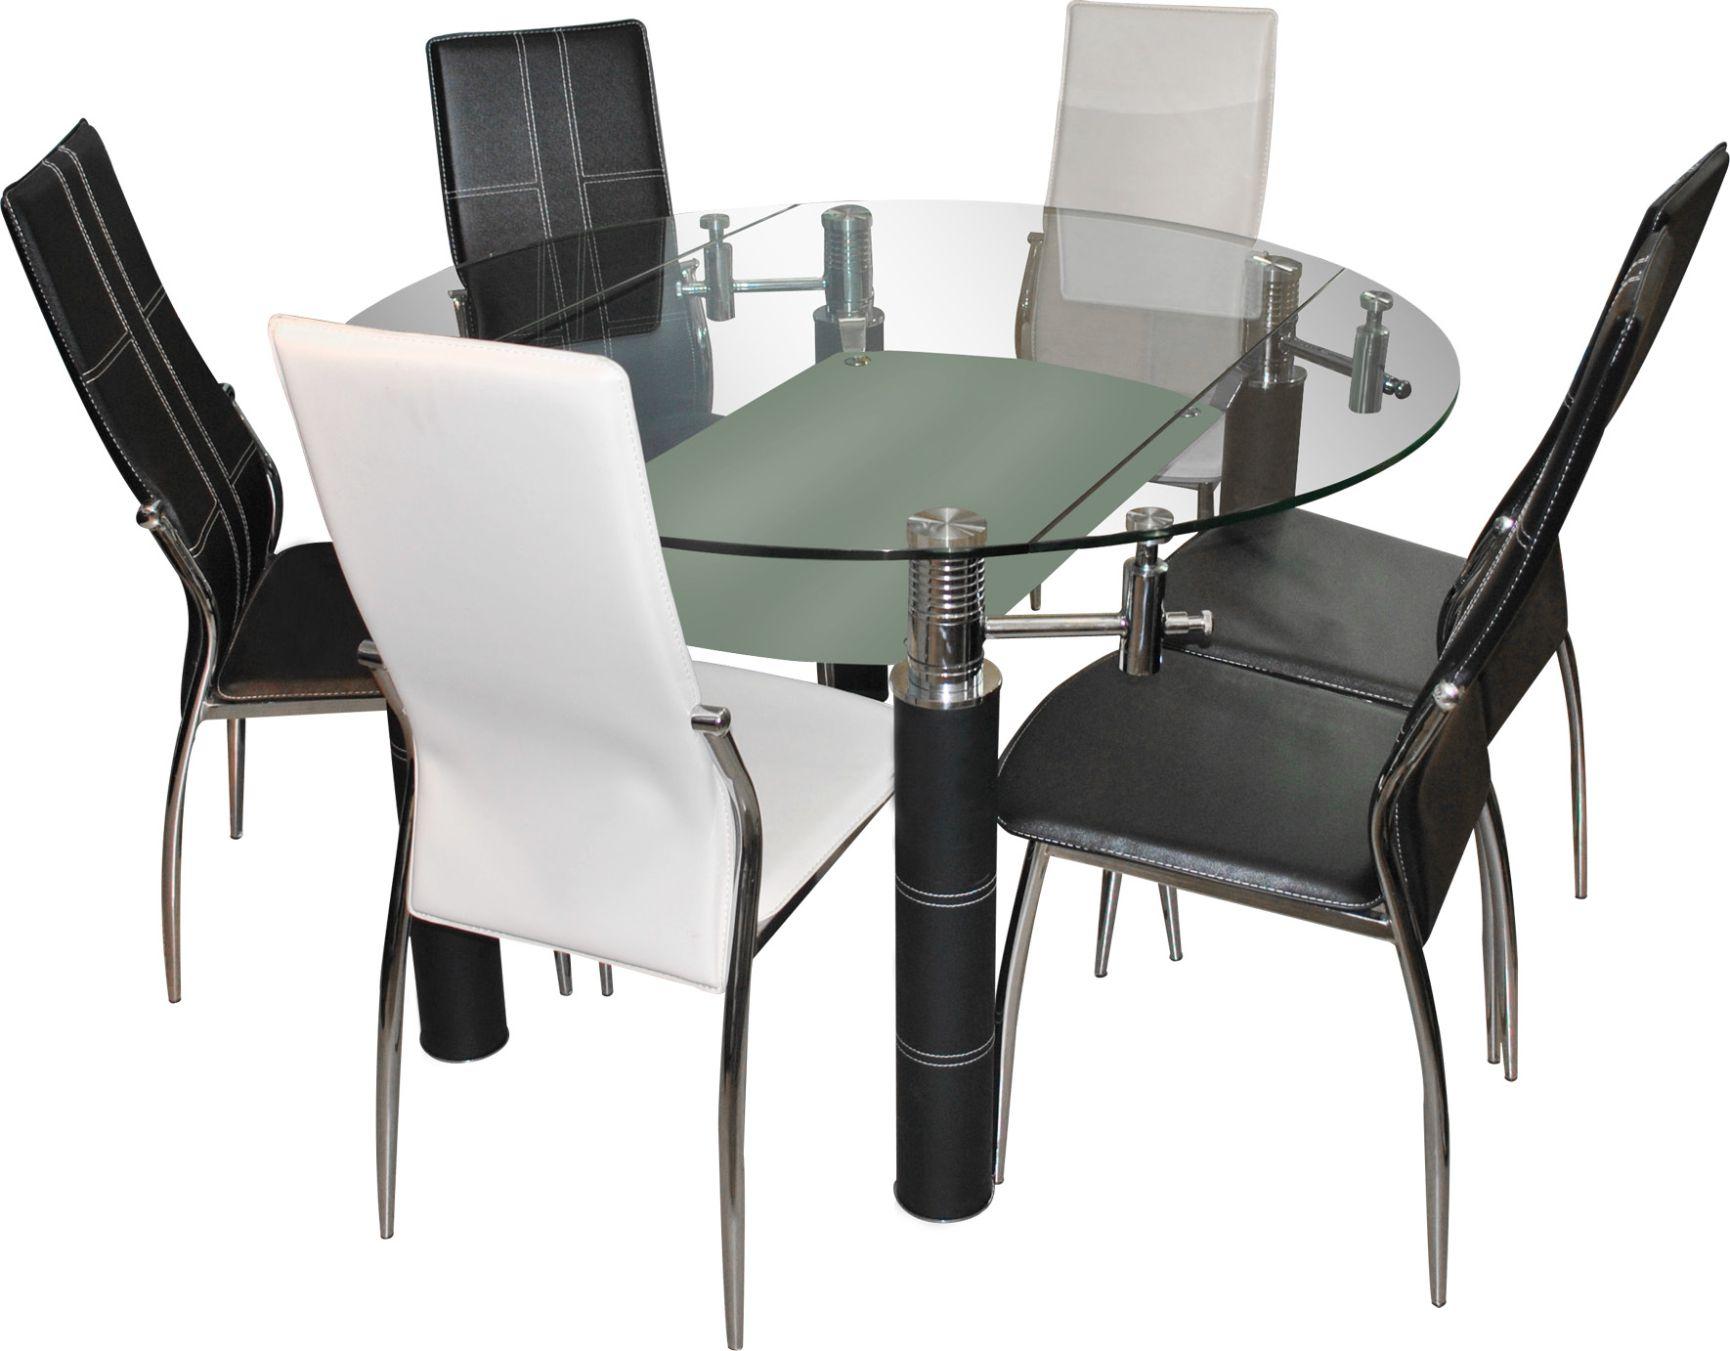 Comedor denise chile muebles dise o y desarrollo de for Comedores redondos de vidrio